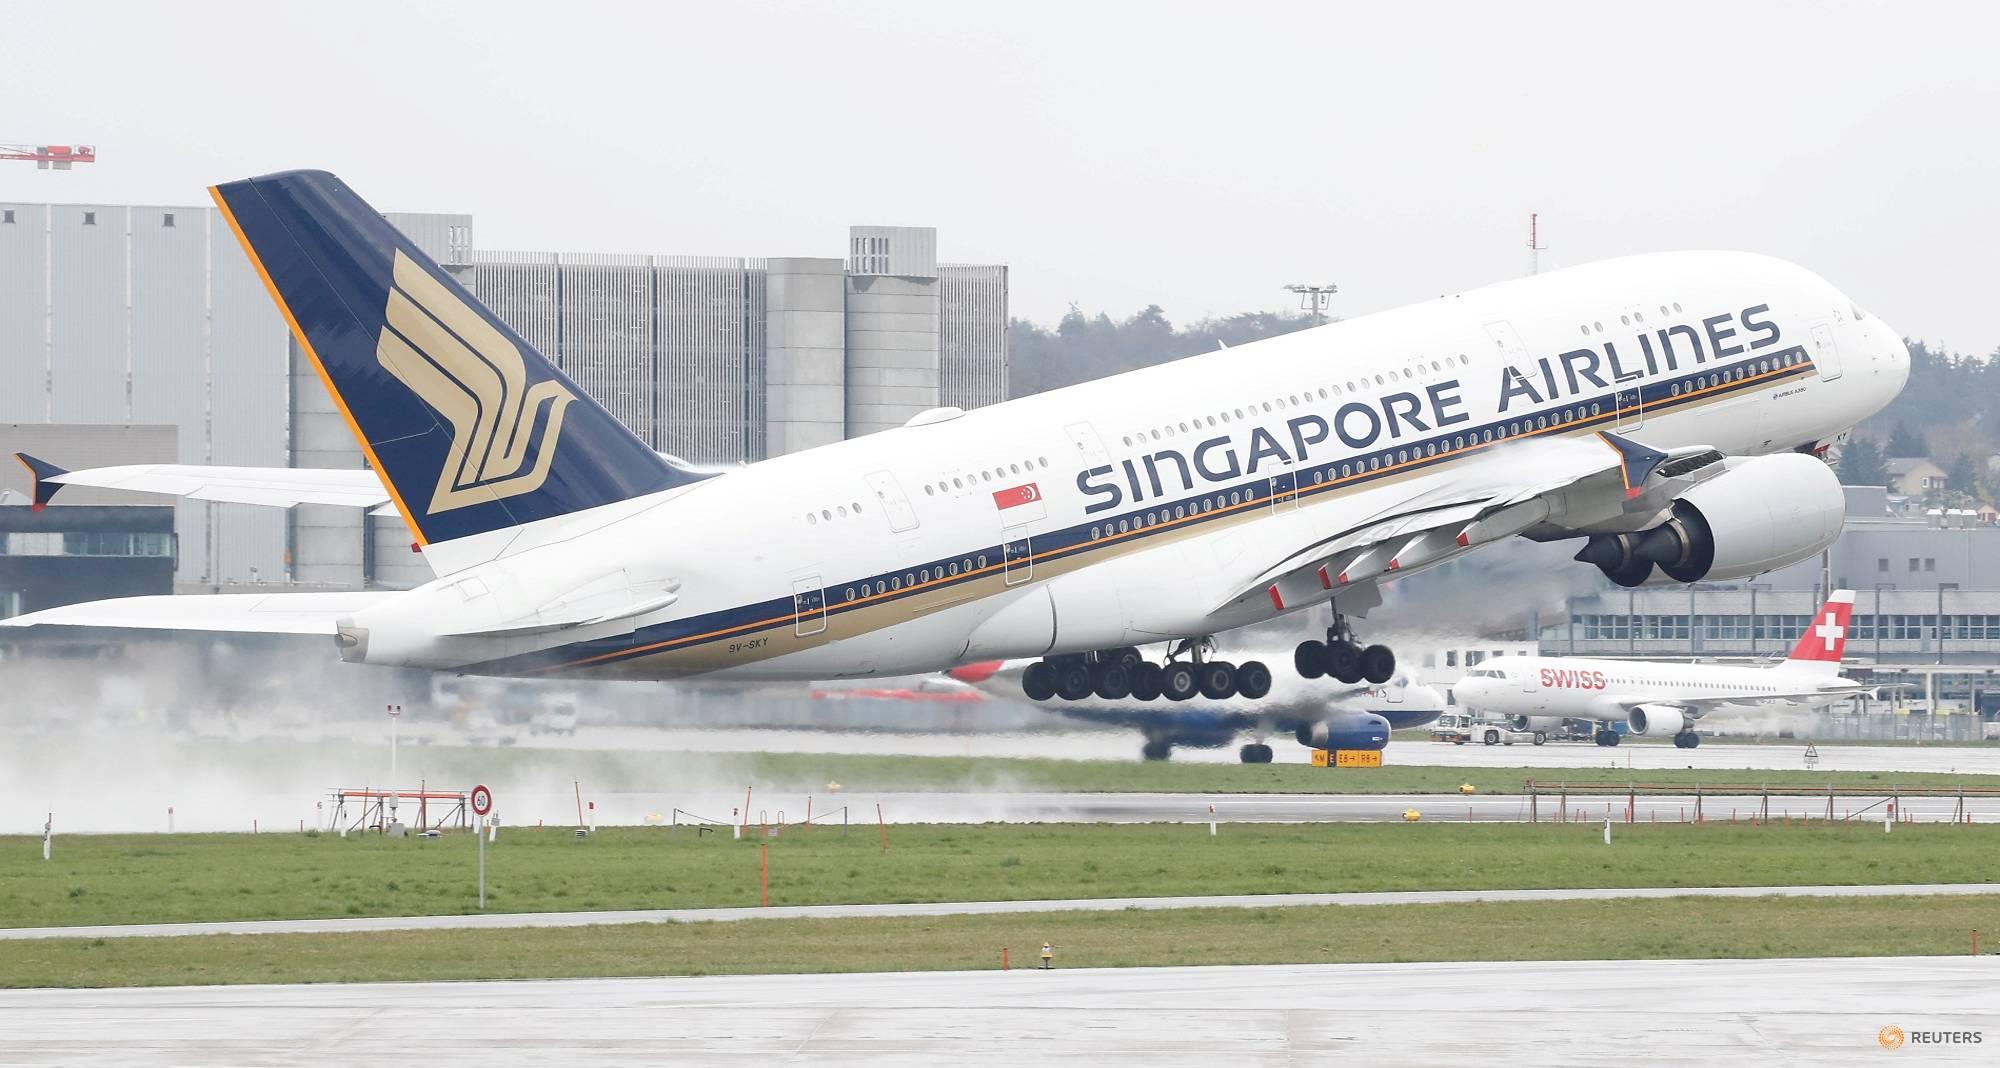 Singapore Airlines khai trương học viện đào tạo về dịch vụ và vận hành - Ảnh 1.